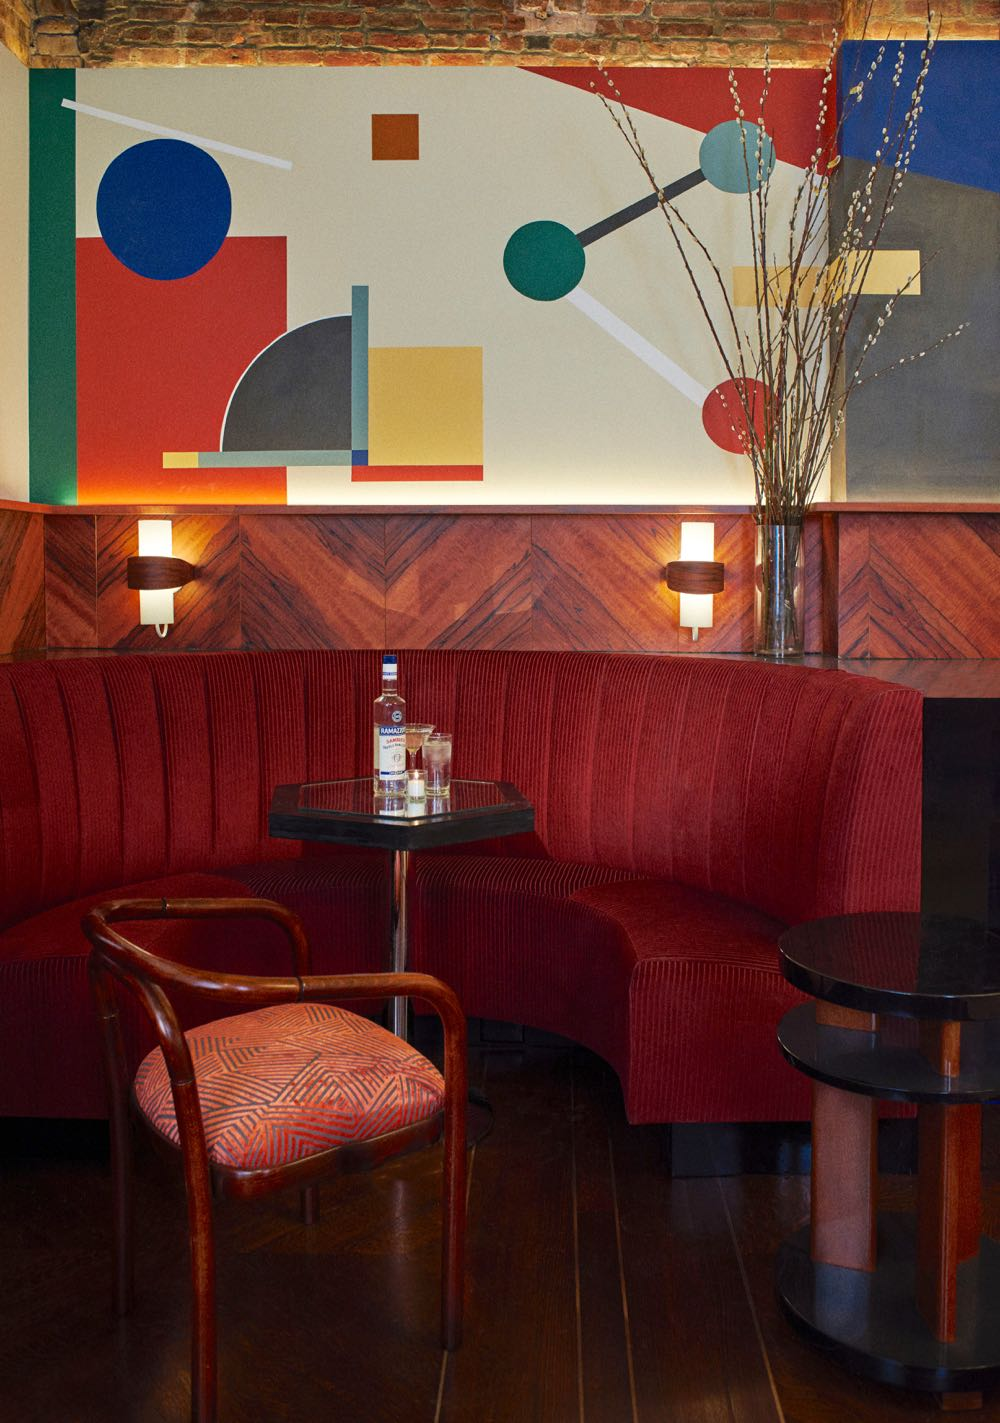 Restaurant Booths -